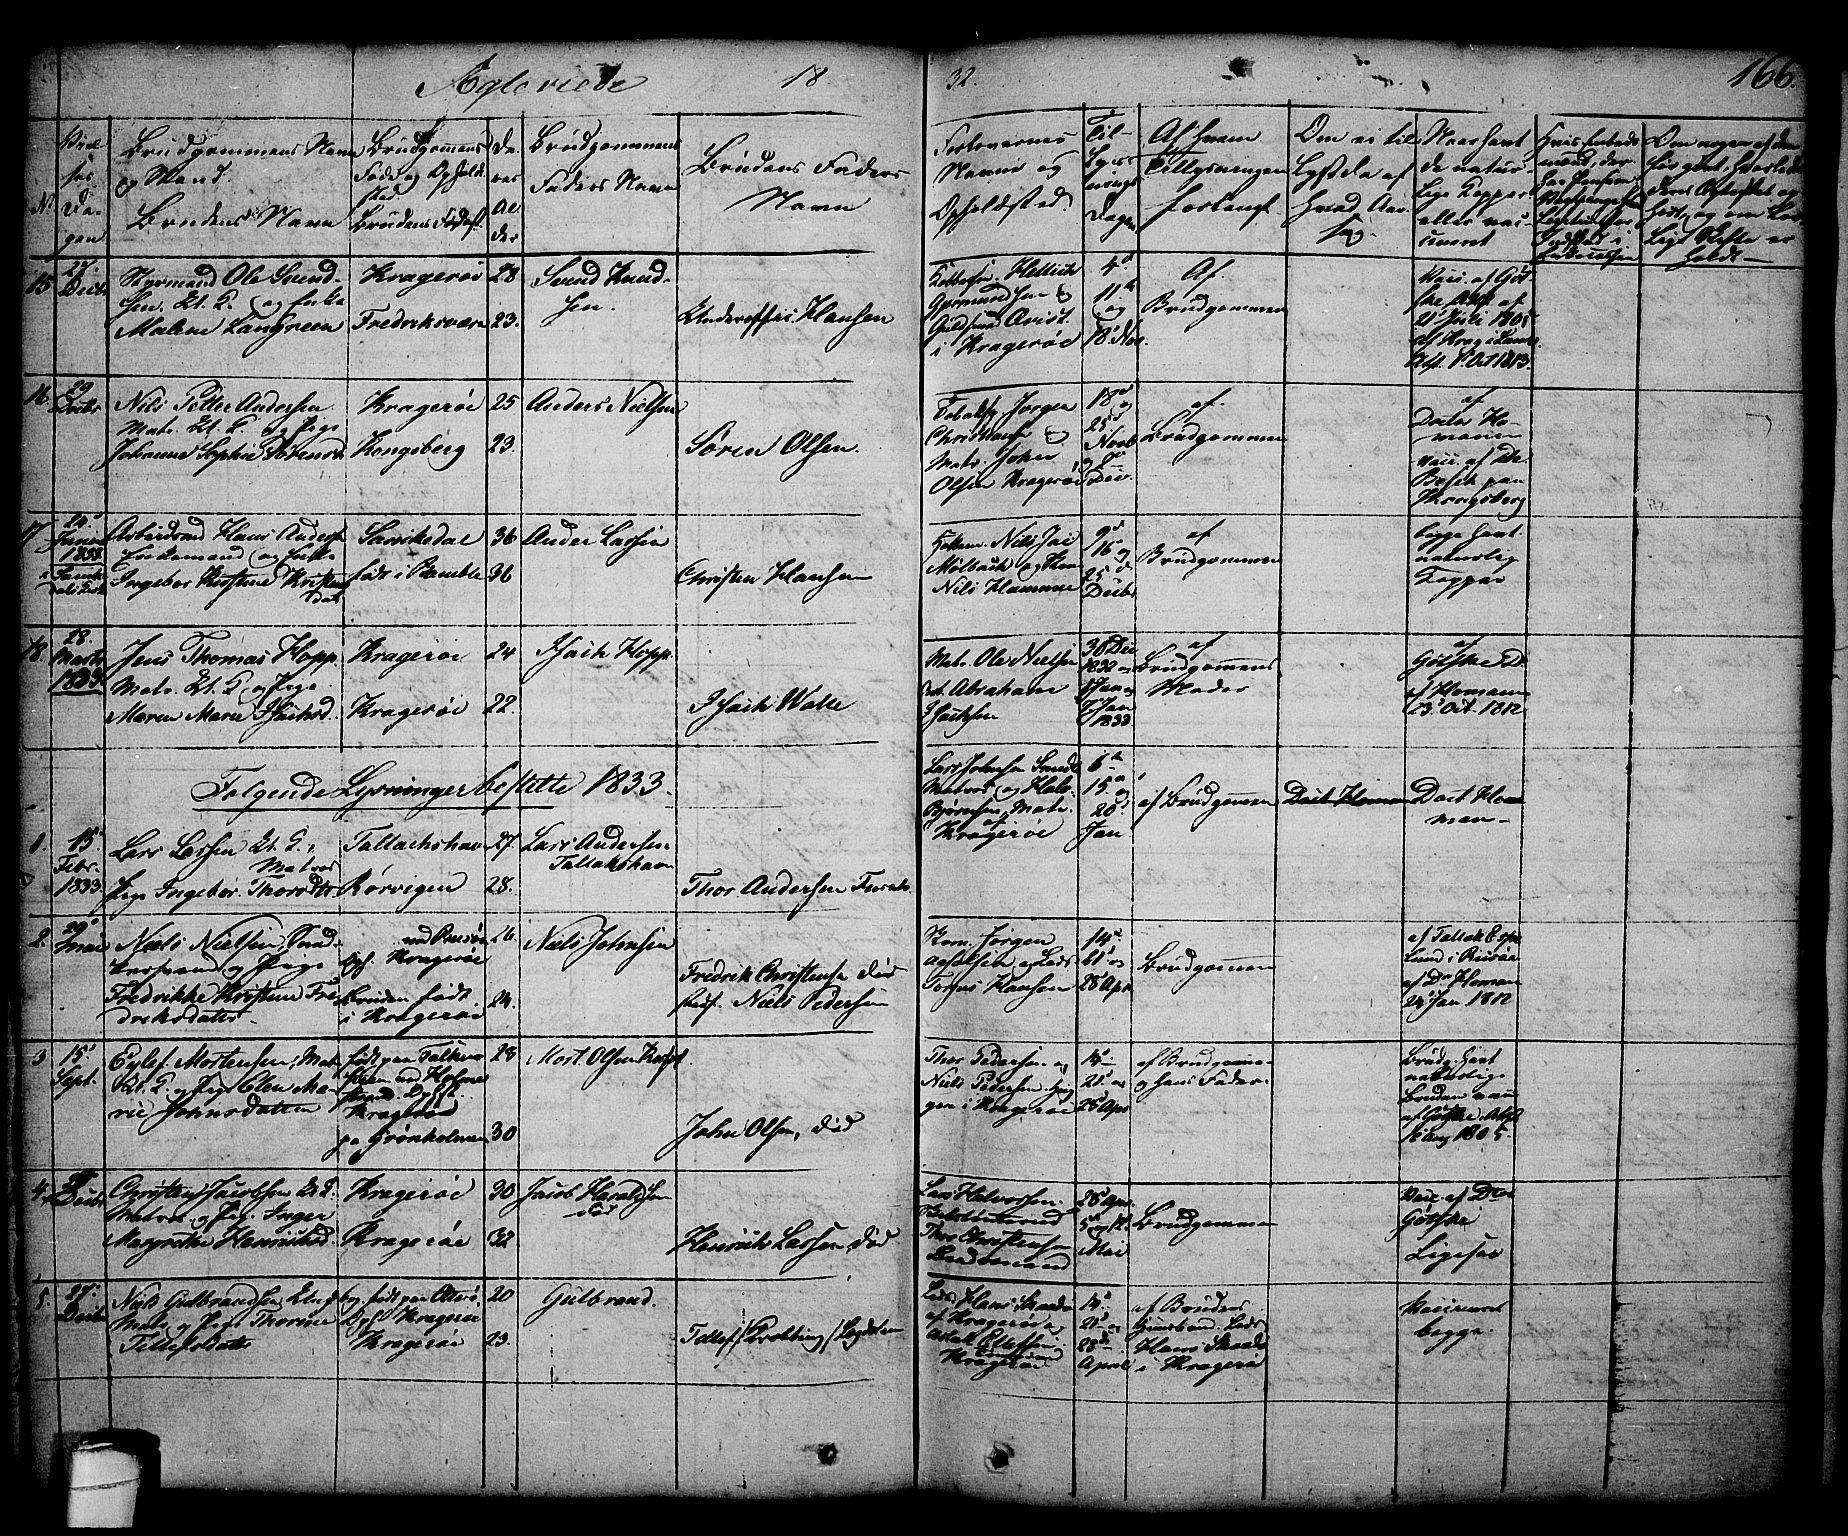 SAKO, Kragerø kirkebøker, G/Ga/L0003: Klokkerbok nr. 3, 1832-1852, s. 166